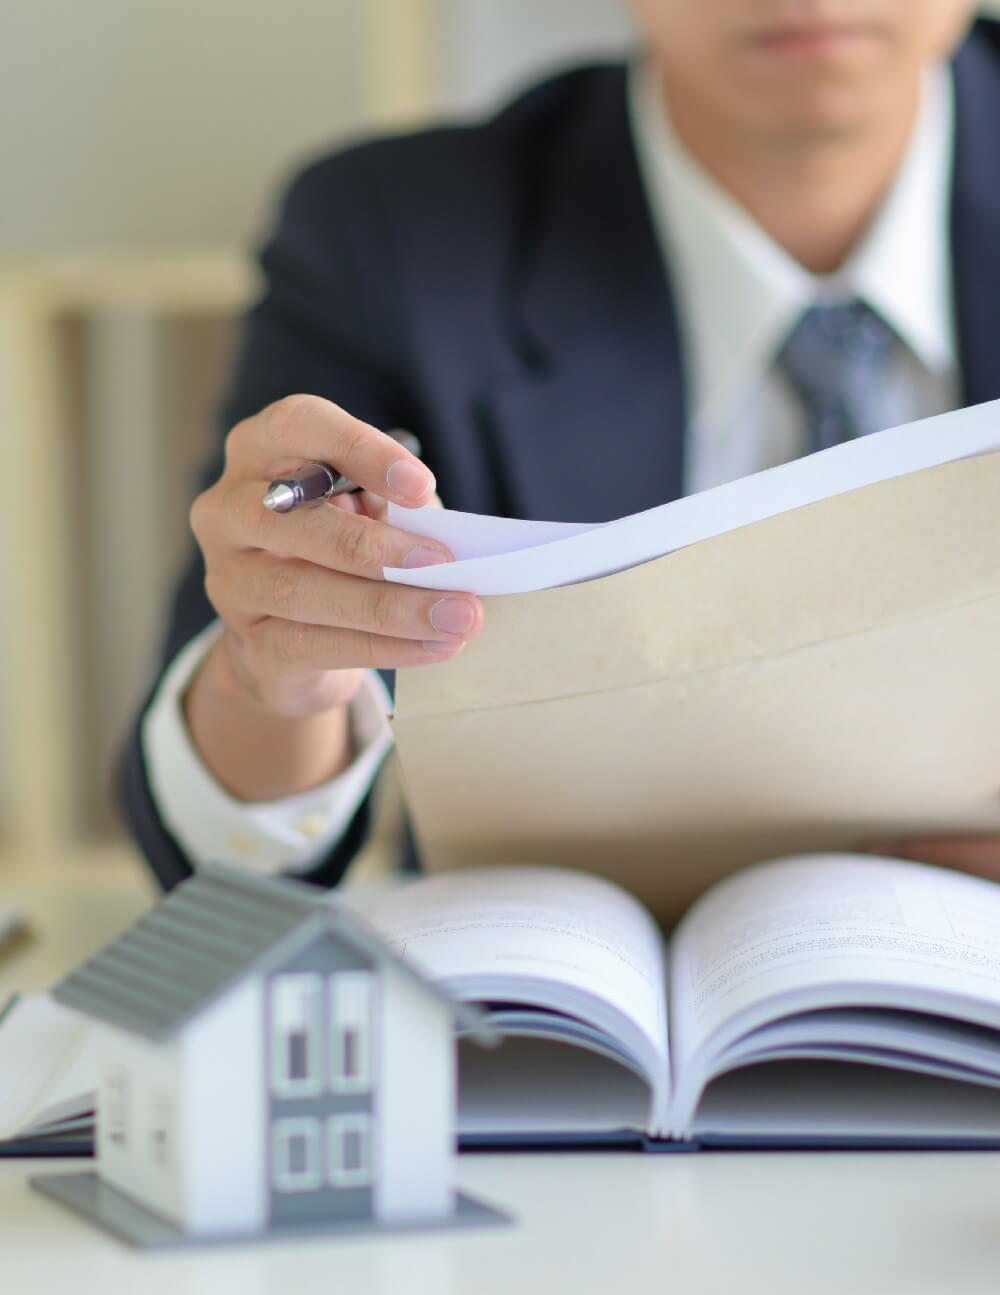 El abogado en el derecho civil para la reclamación de los gastos de la hipoteca